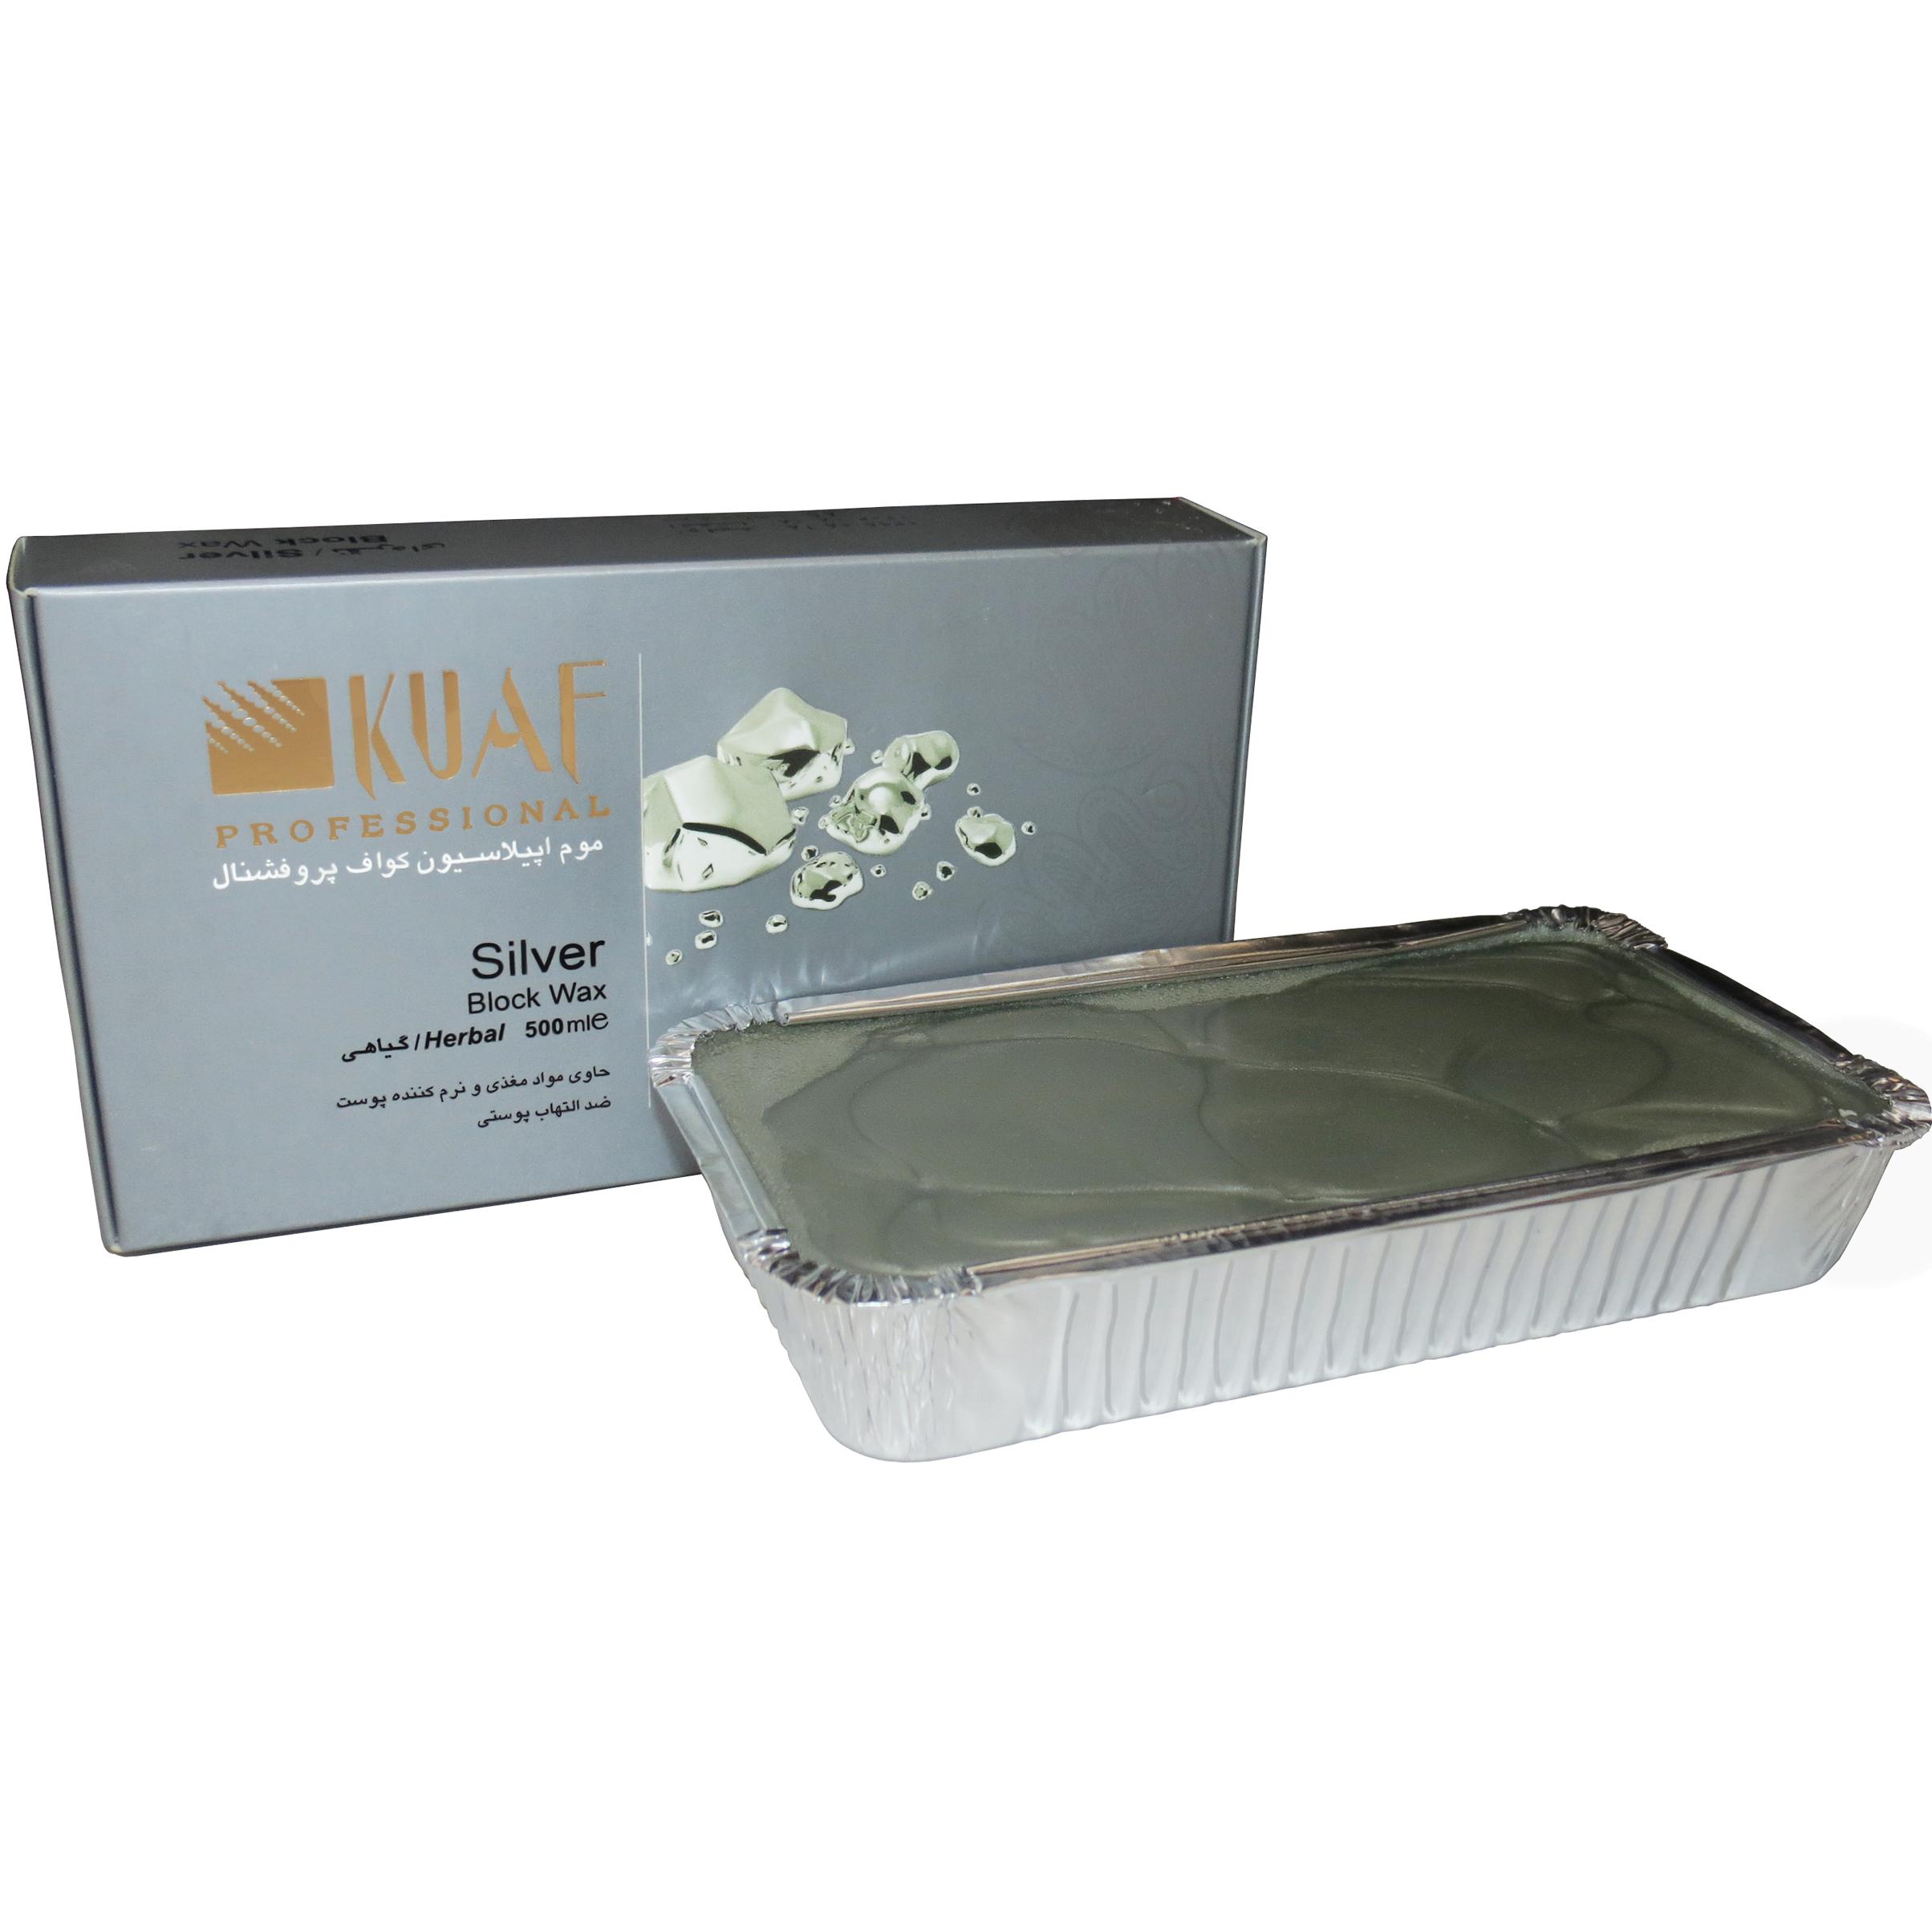 خرید                      وکس موبر کواف مدل silver حجم 500 میلی لیتر              ✅